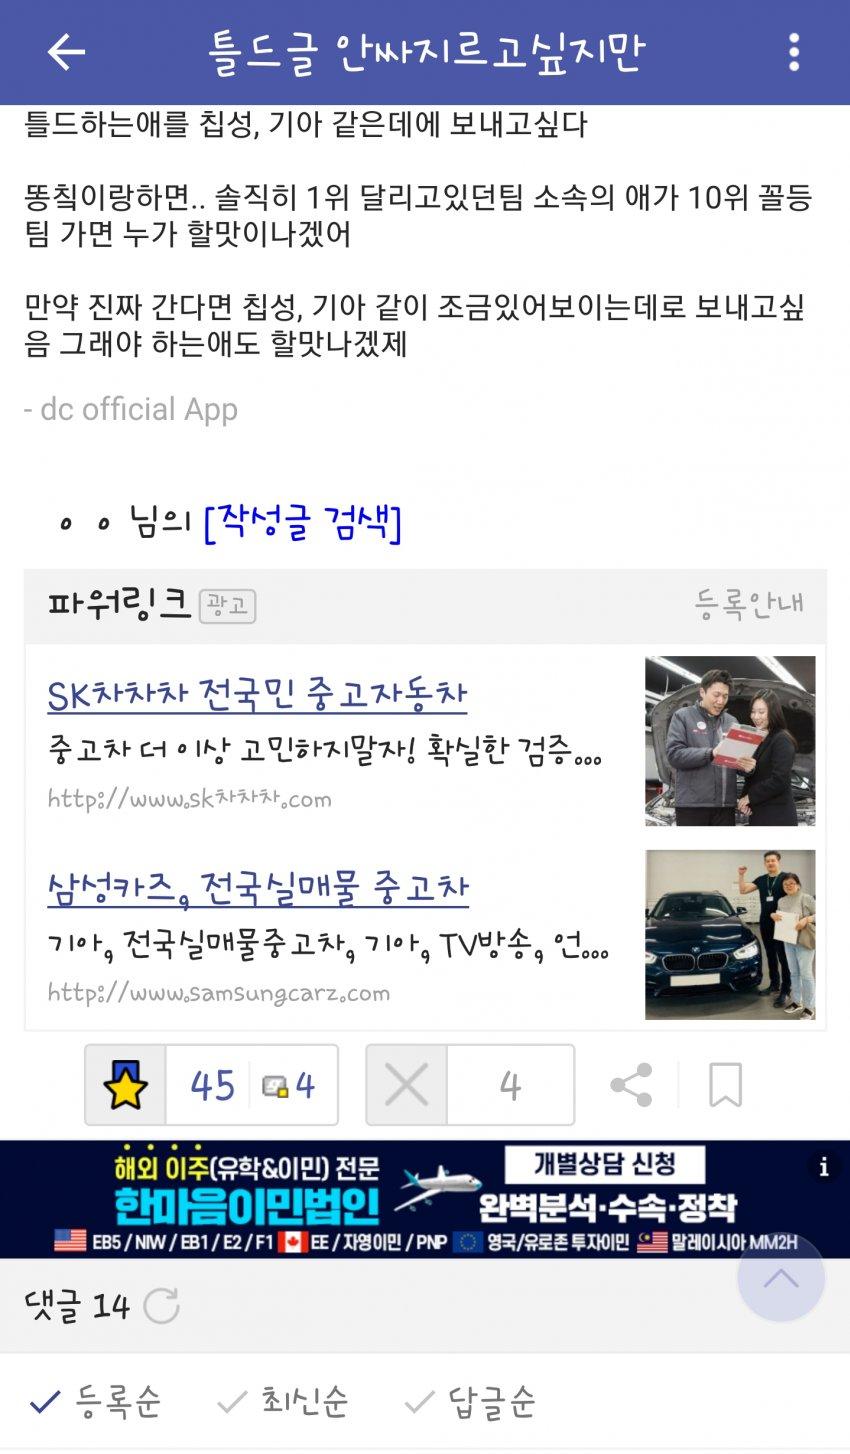 viewimage.php?id=25bcde31edd33da769b3d3a629df212a&no=24b0d769e1d32ca73ced8ffa11d02831dfaf0852456fb21930271cc4ce8fae373ed809a406c0654b962d55c3fc69380432ec133768a081a9eb8953a4daf9f99449a7a12650a13c3d79815184fb5b39f6ac8256dfaf691a8a060ee903fc3bce16140bc699eeb9